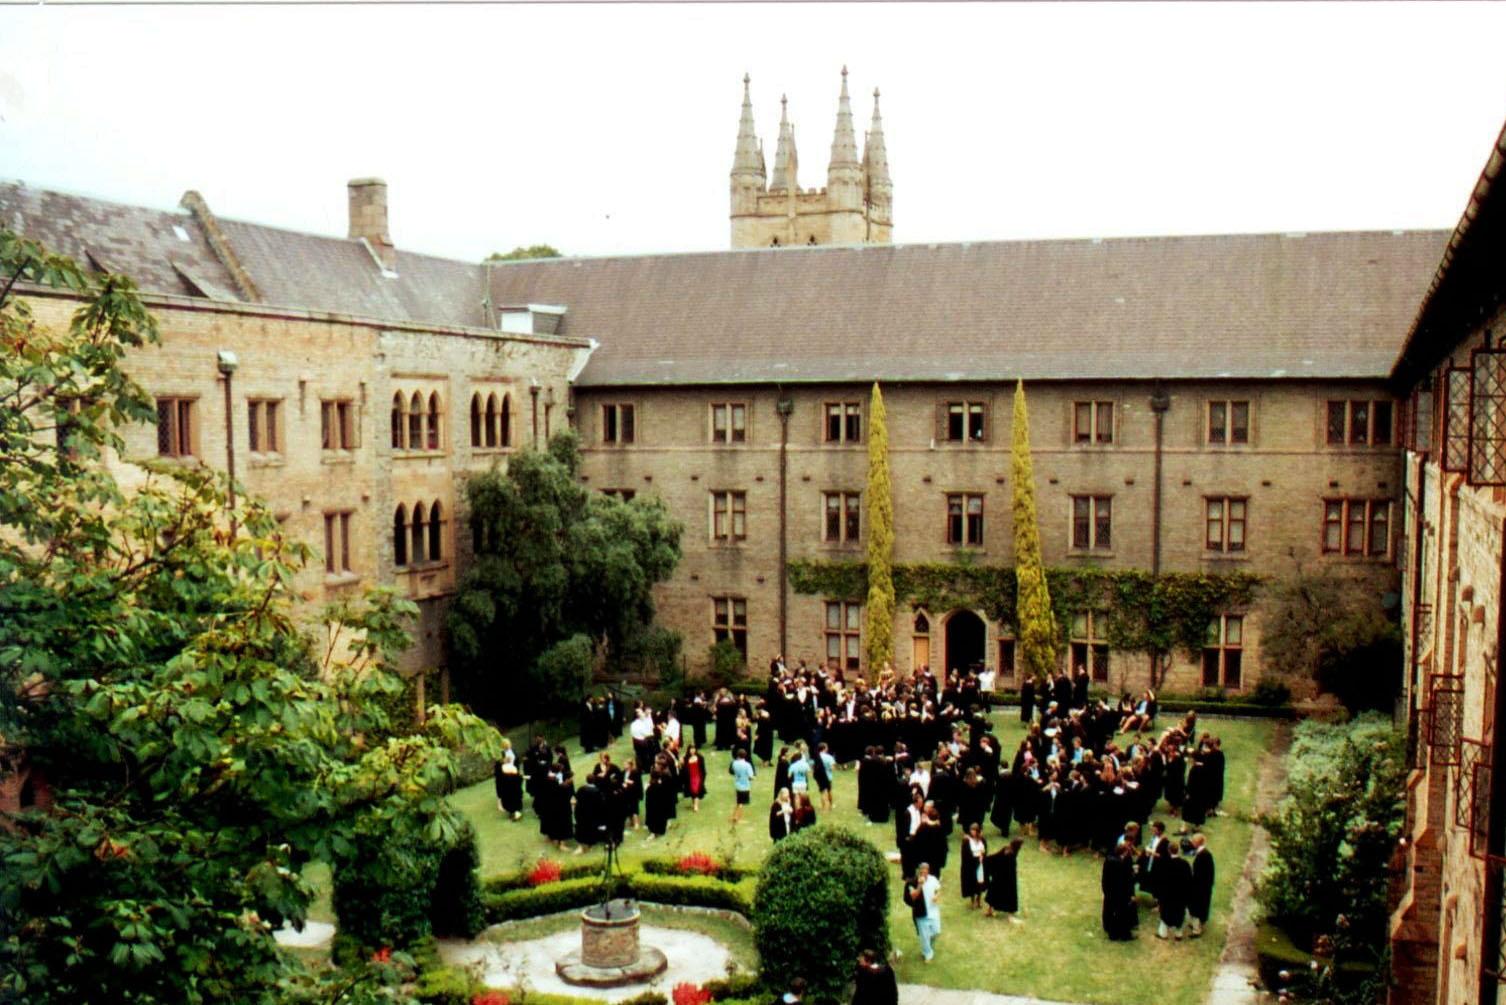 近日,澳洲紐省議會發佈了紐省高等教育未來發展的調查報告,再度聚焦中共對對紐省各大學的干預和滲透。圖為悉尼大學校園。(Cancta Quad/大紀元)